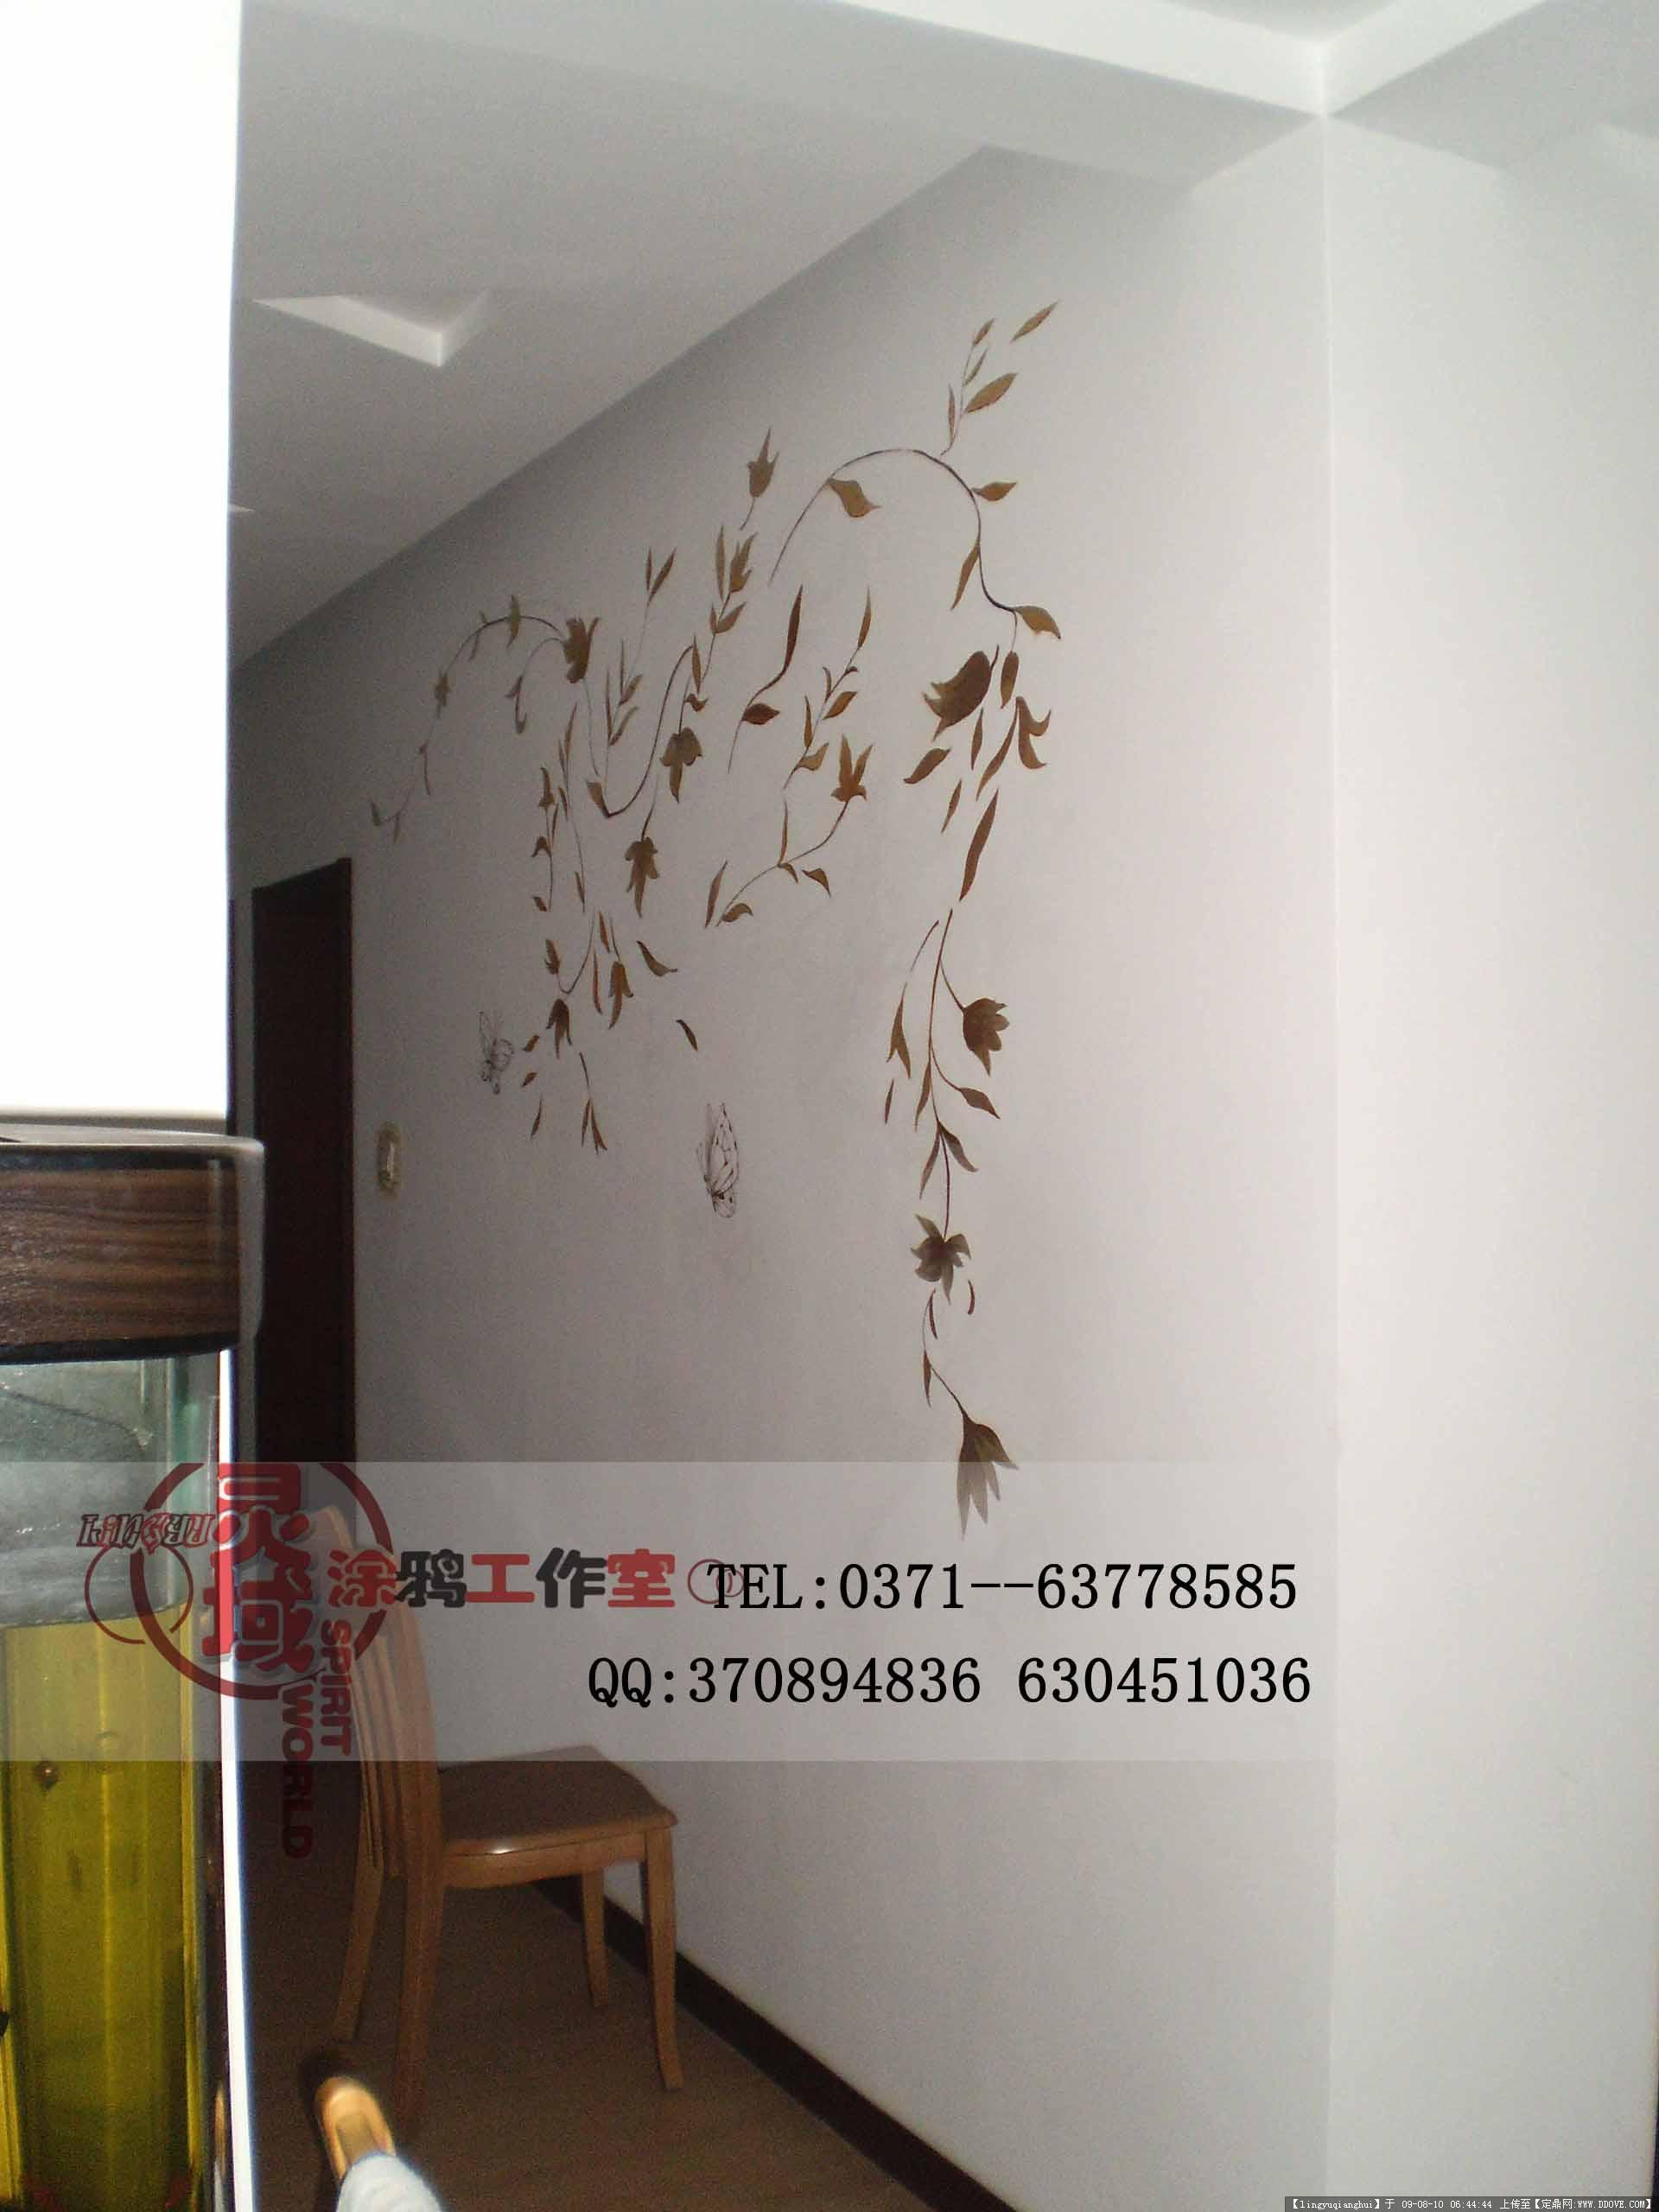 灵域墙体彩绘案例的图片浏览,室内实景照片,其他空间